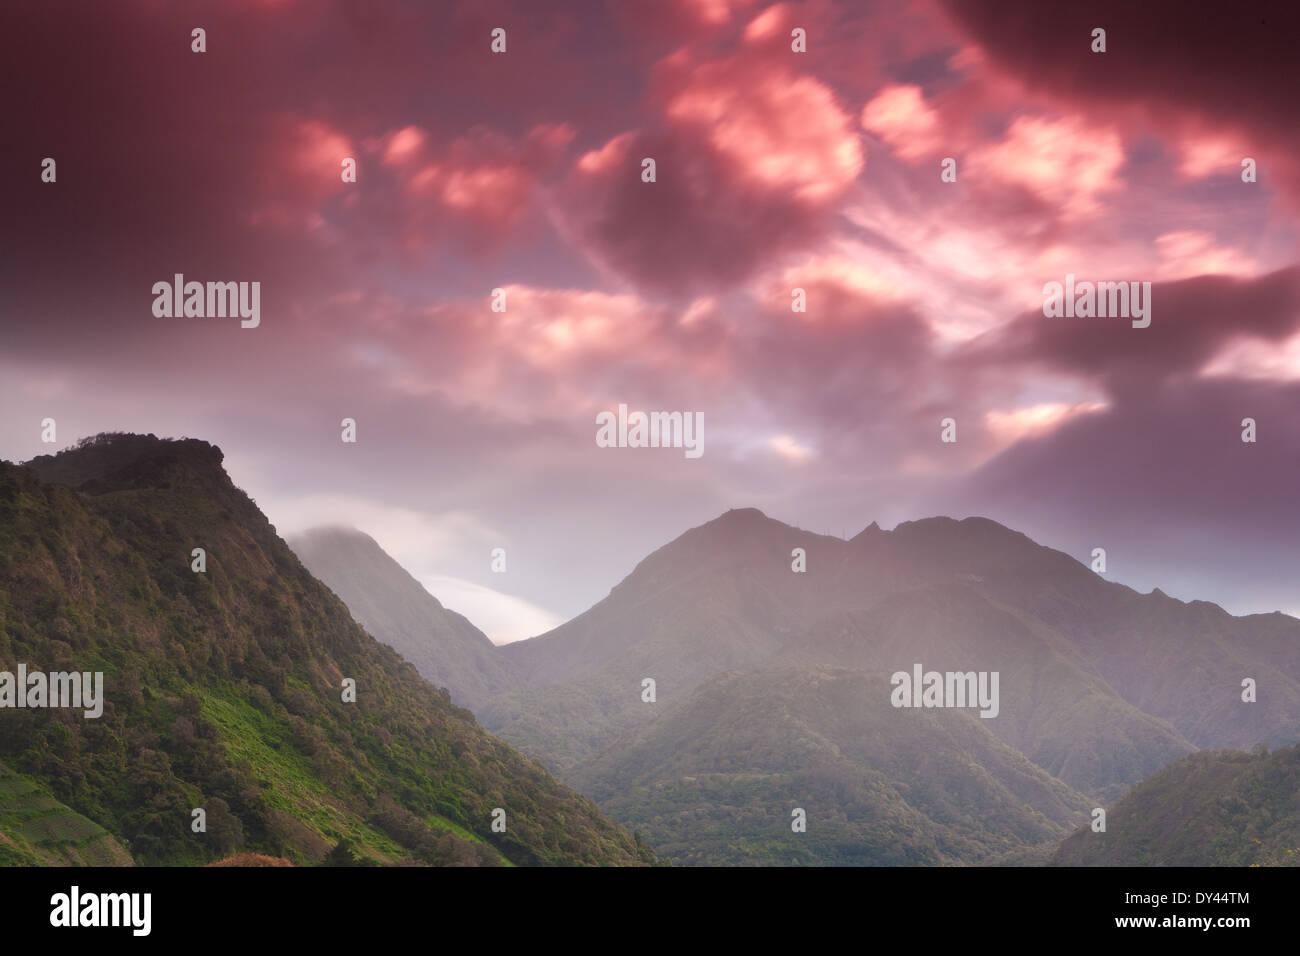 Colorido del cielo al amanecer y precipitaciones sobre el Volcán Baru, 3475 m, en el Parque Nacional Volcán Barú, provincia de Chiriquí, República de Panamá. Foto de stock